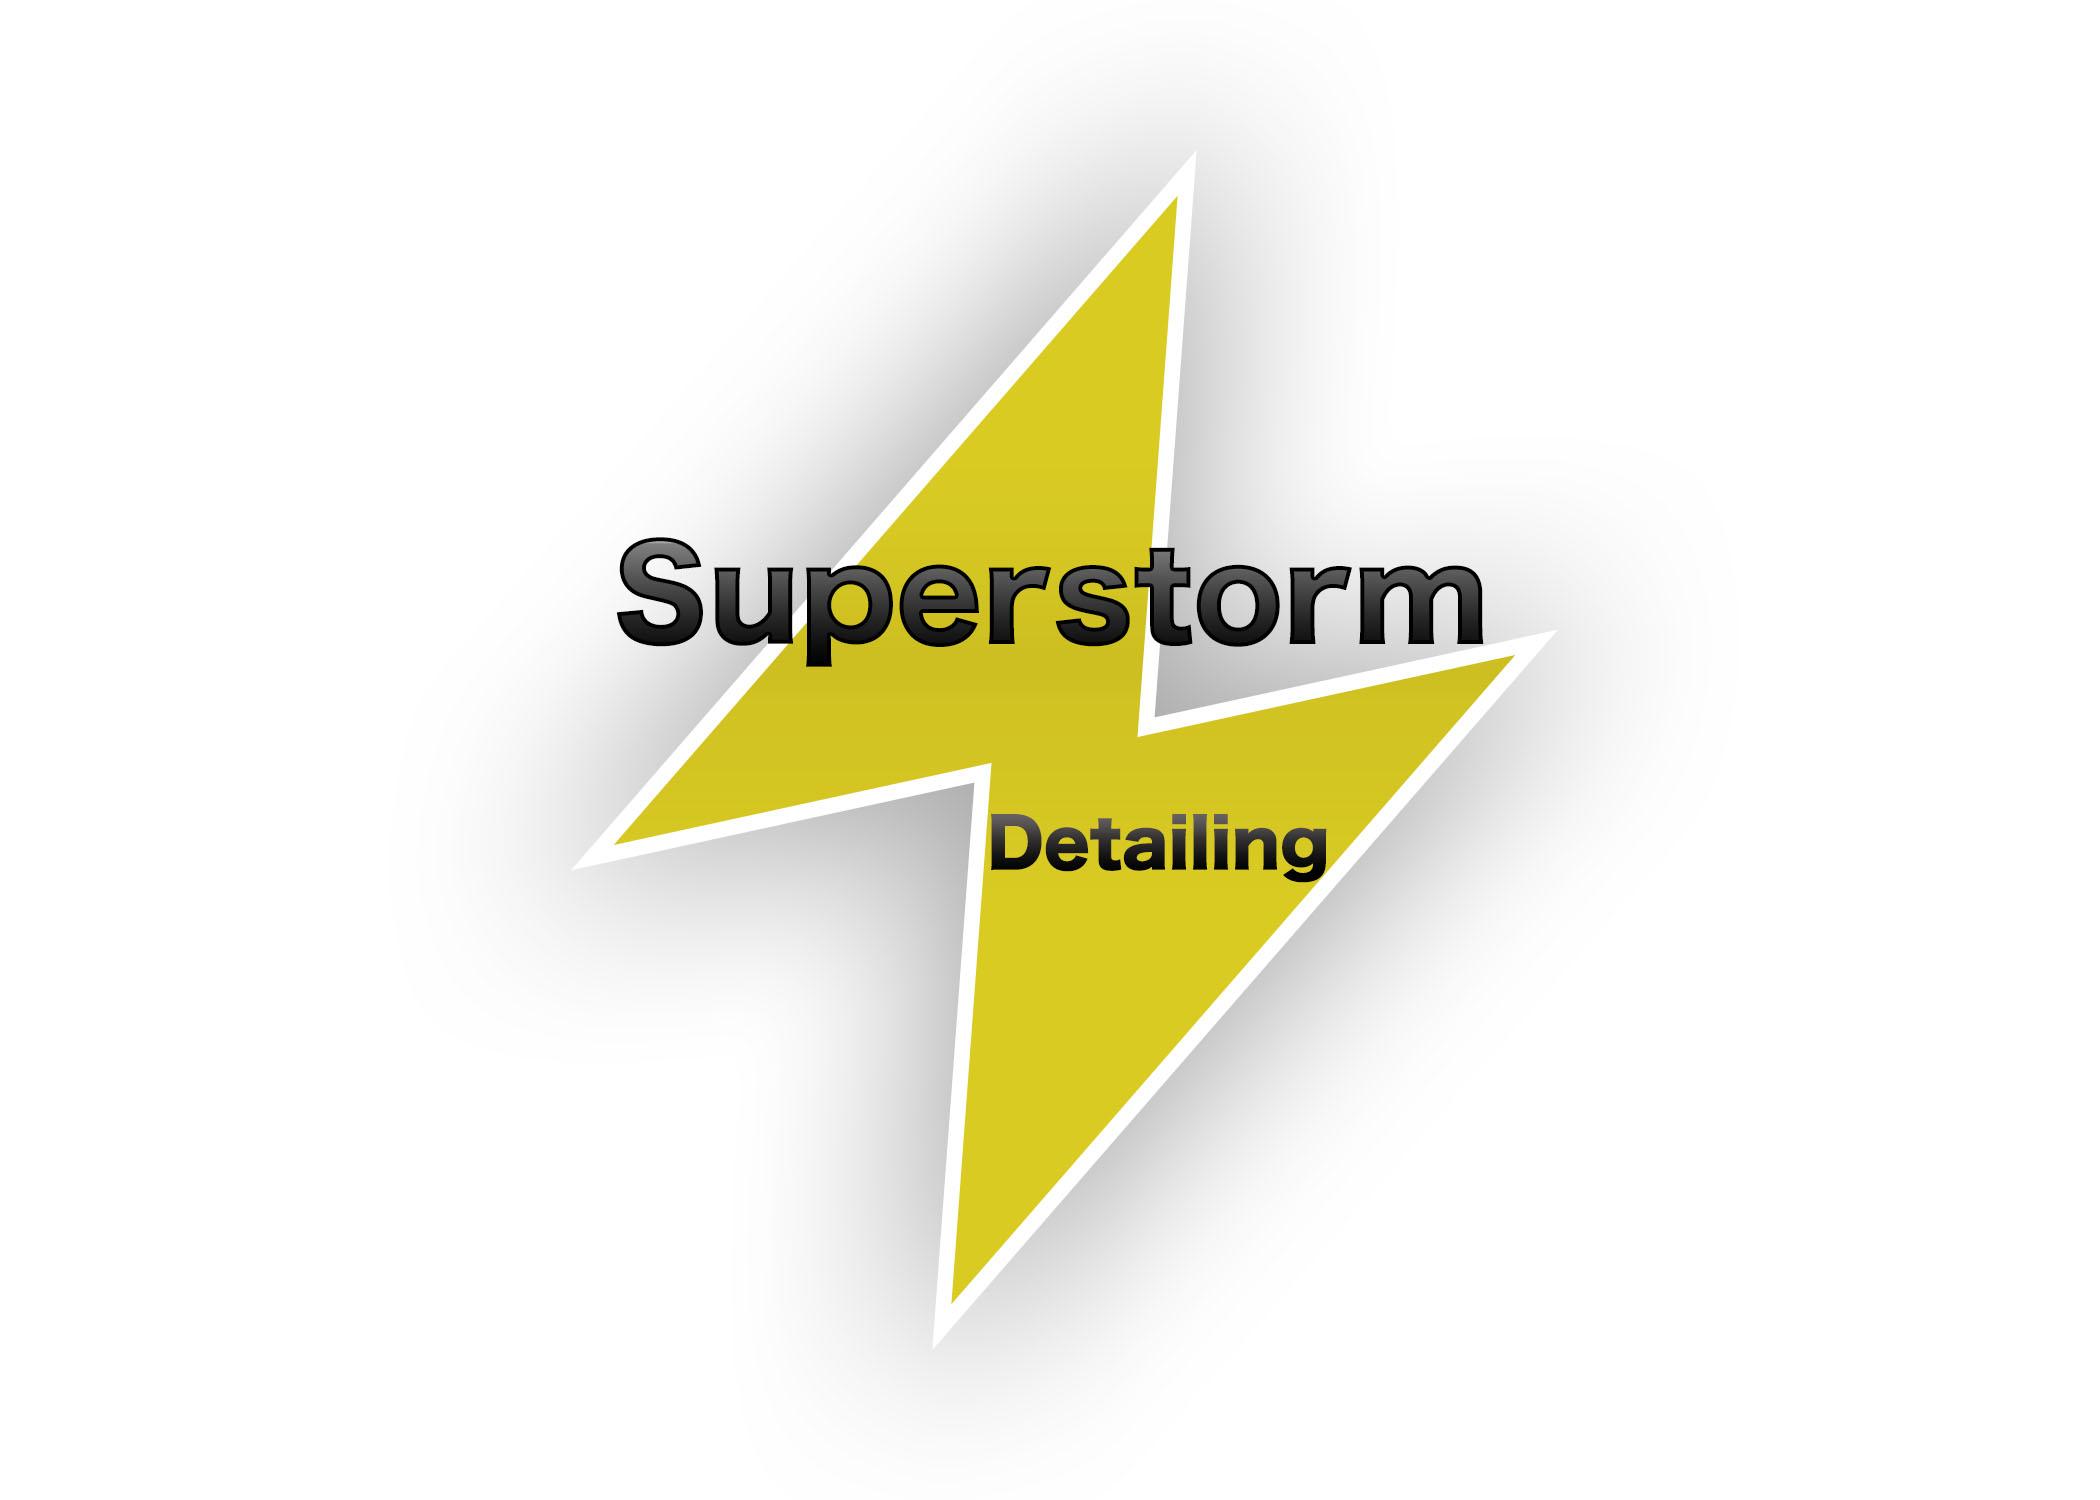 Superstorm detailing